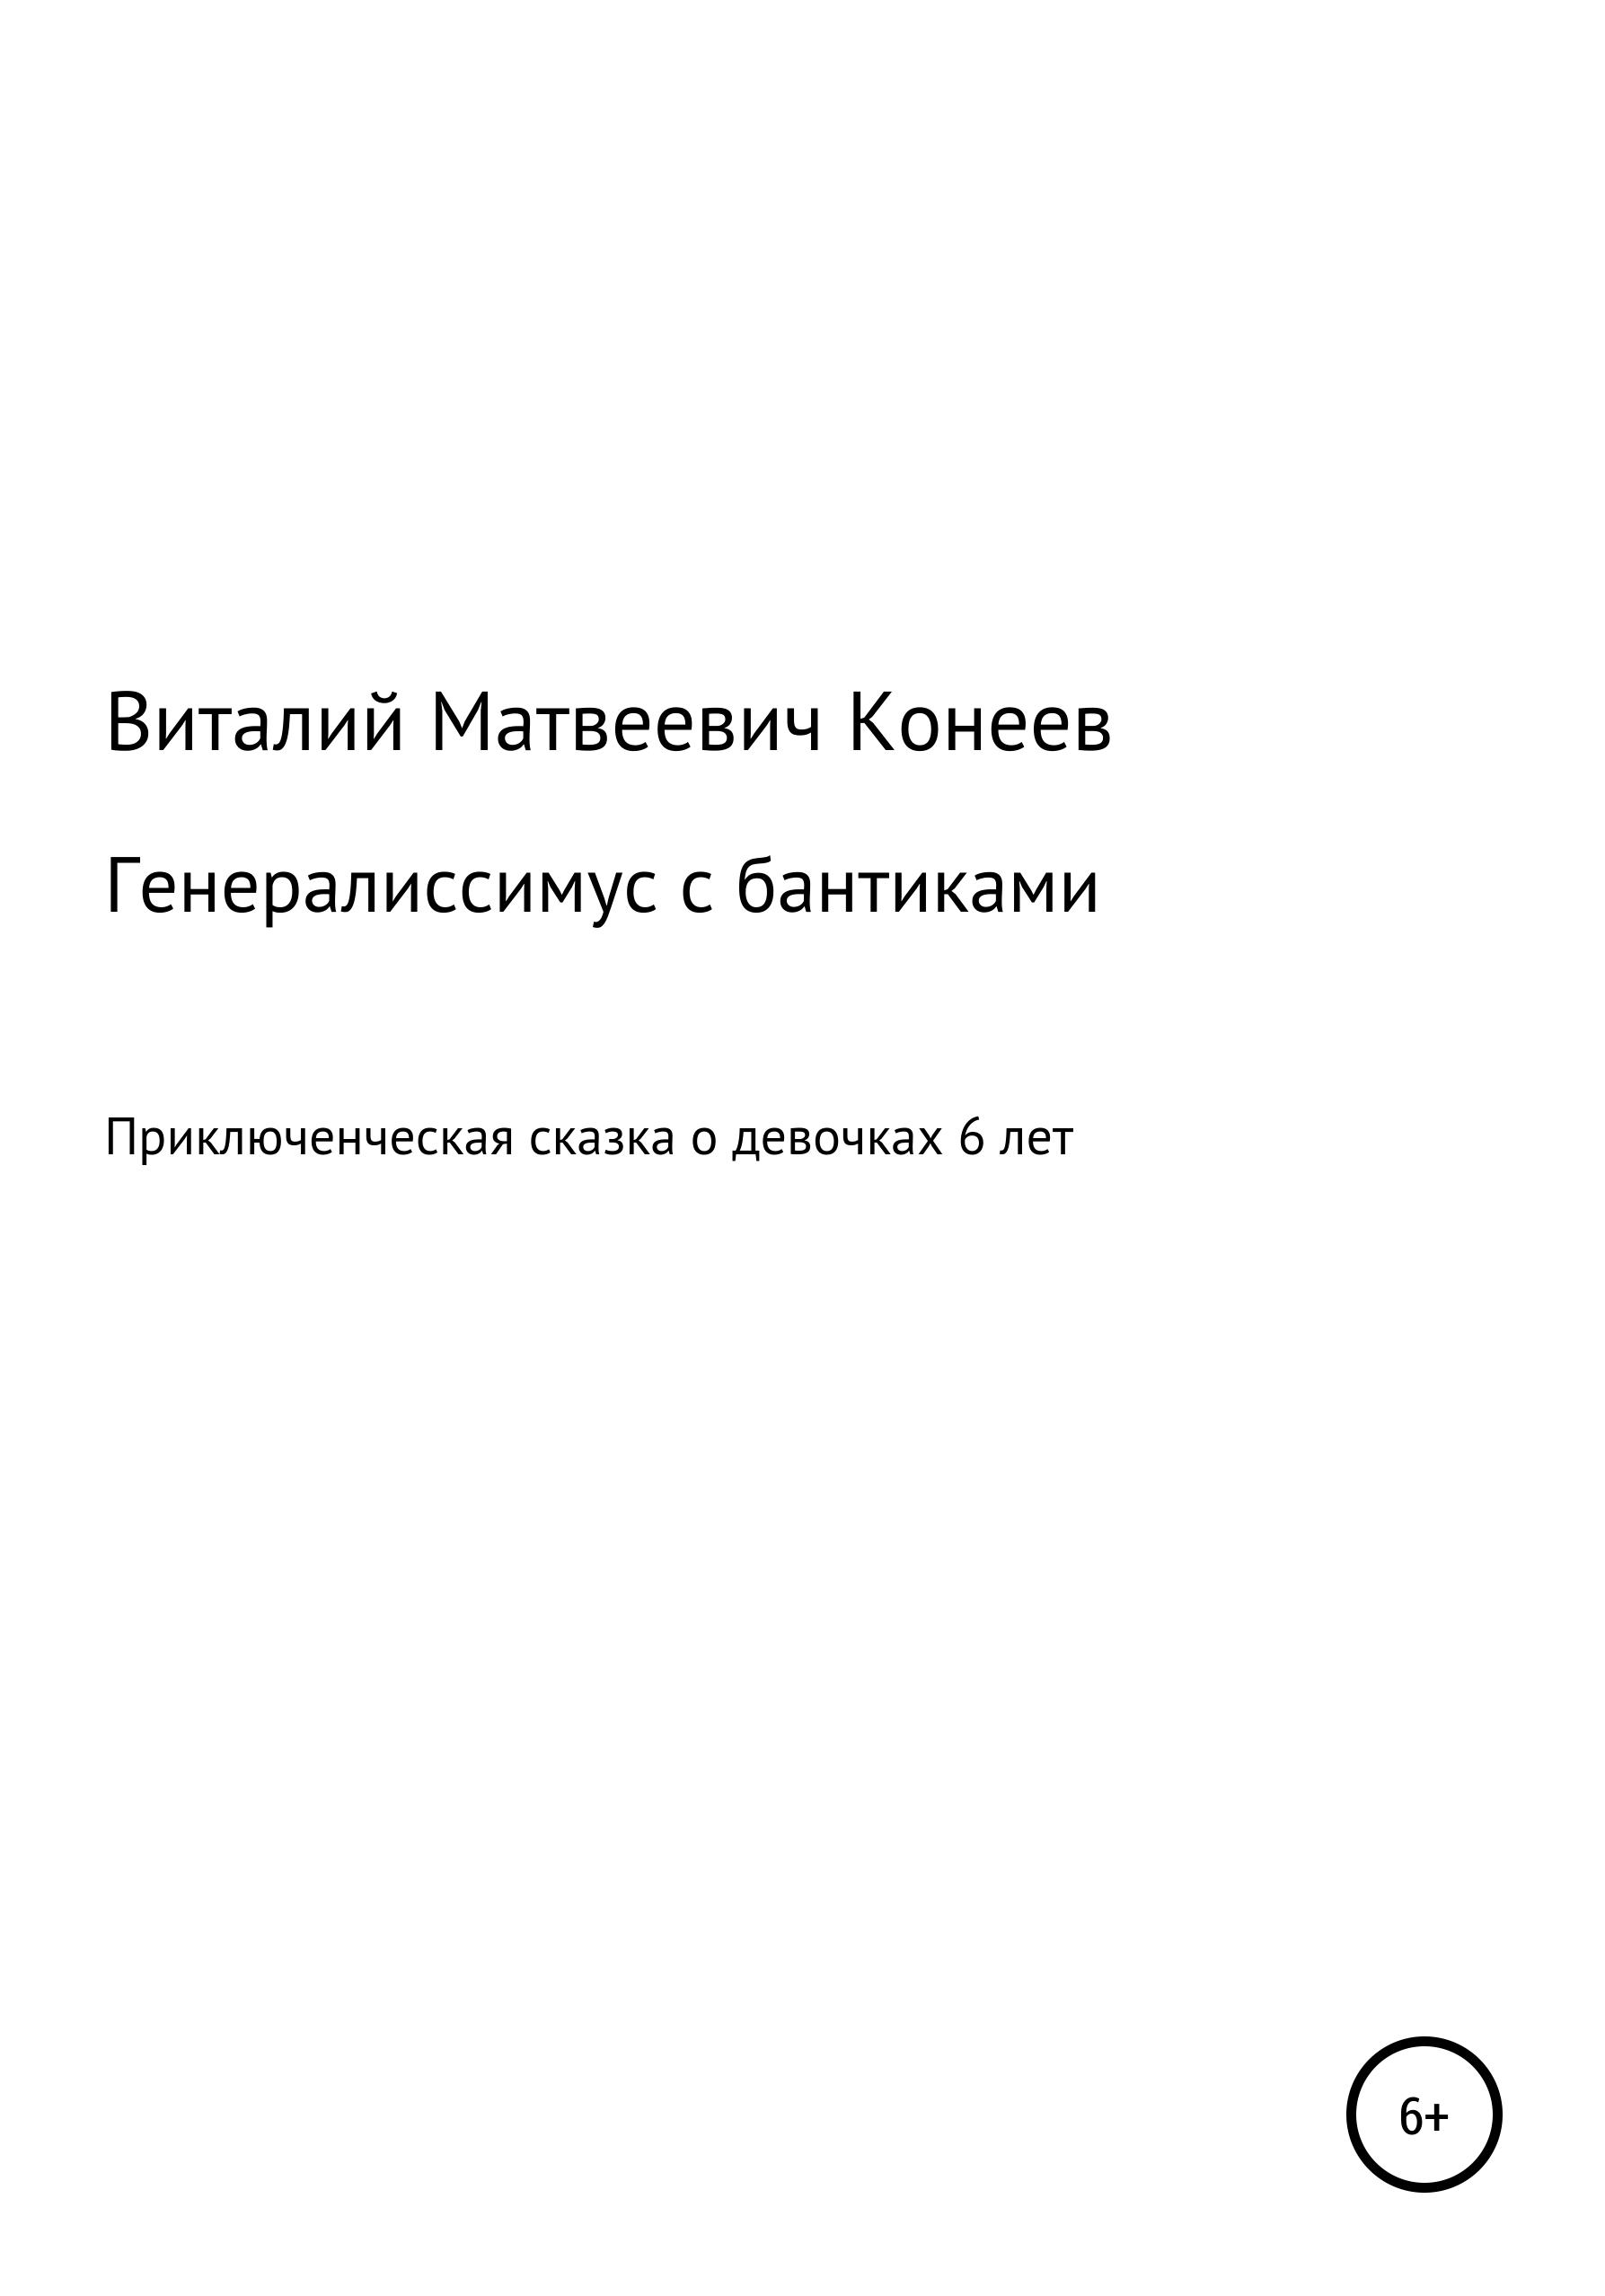 Виталий Конеев - Генералиссимус с бантиками